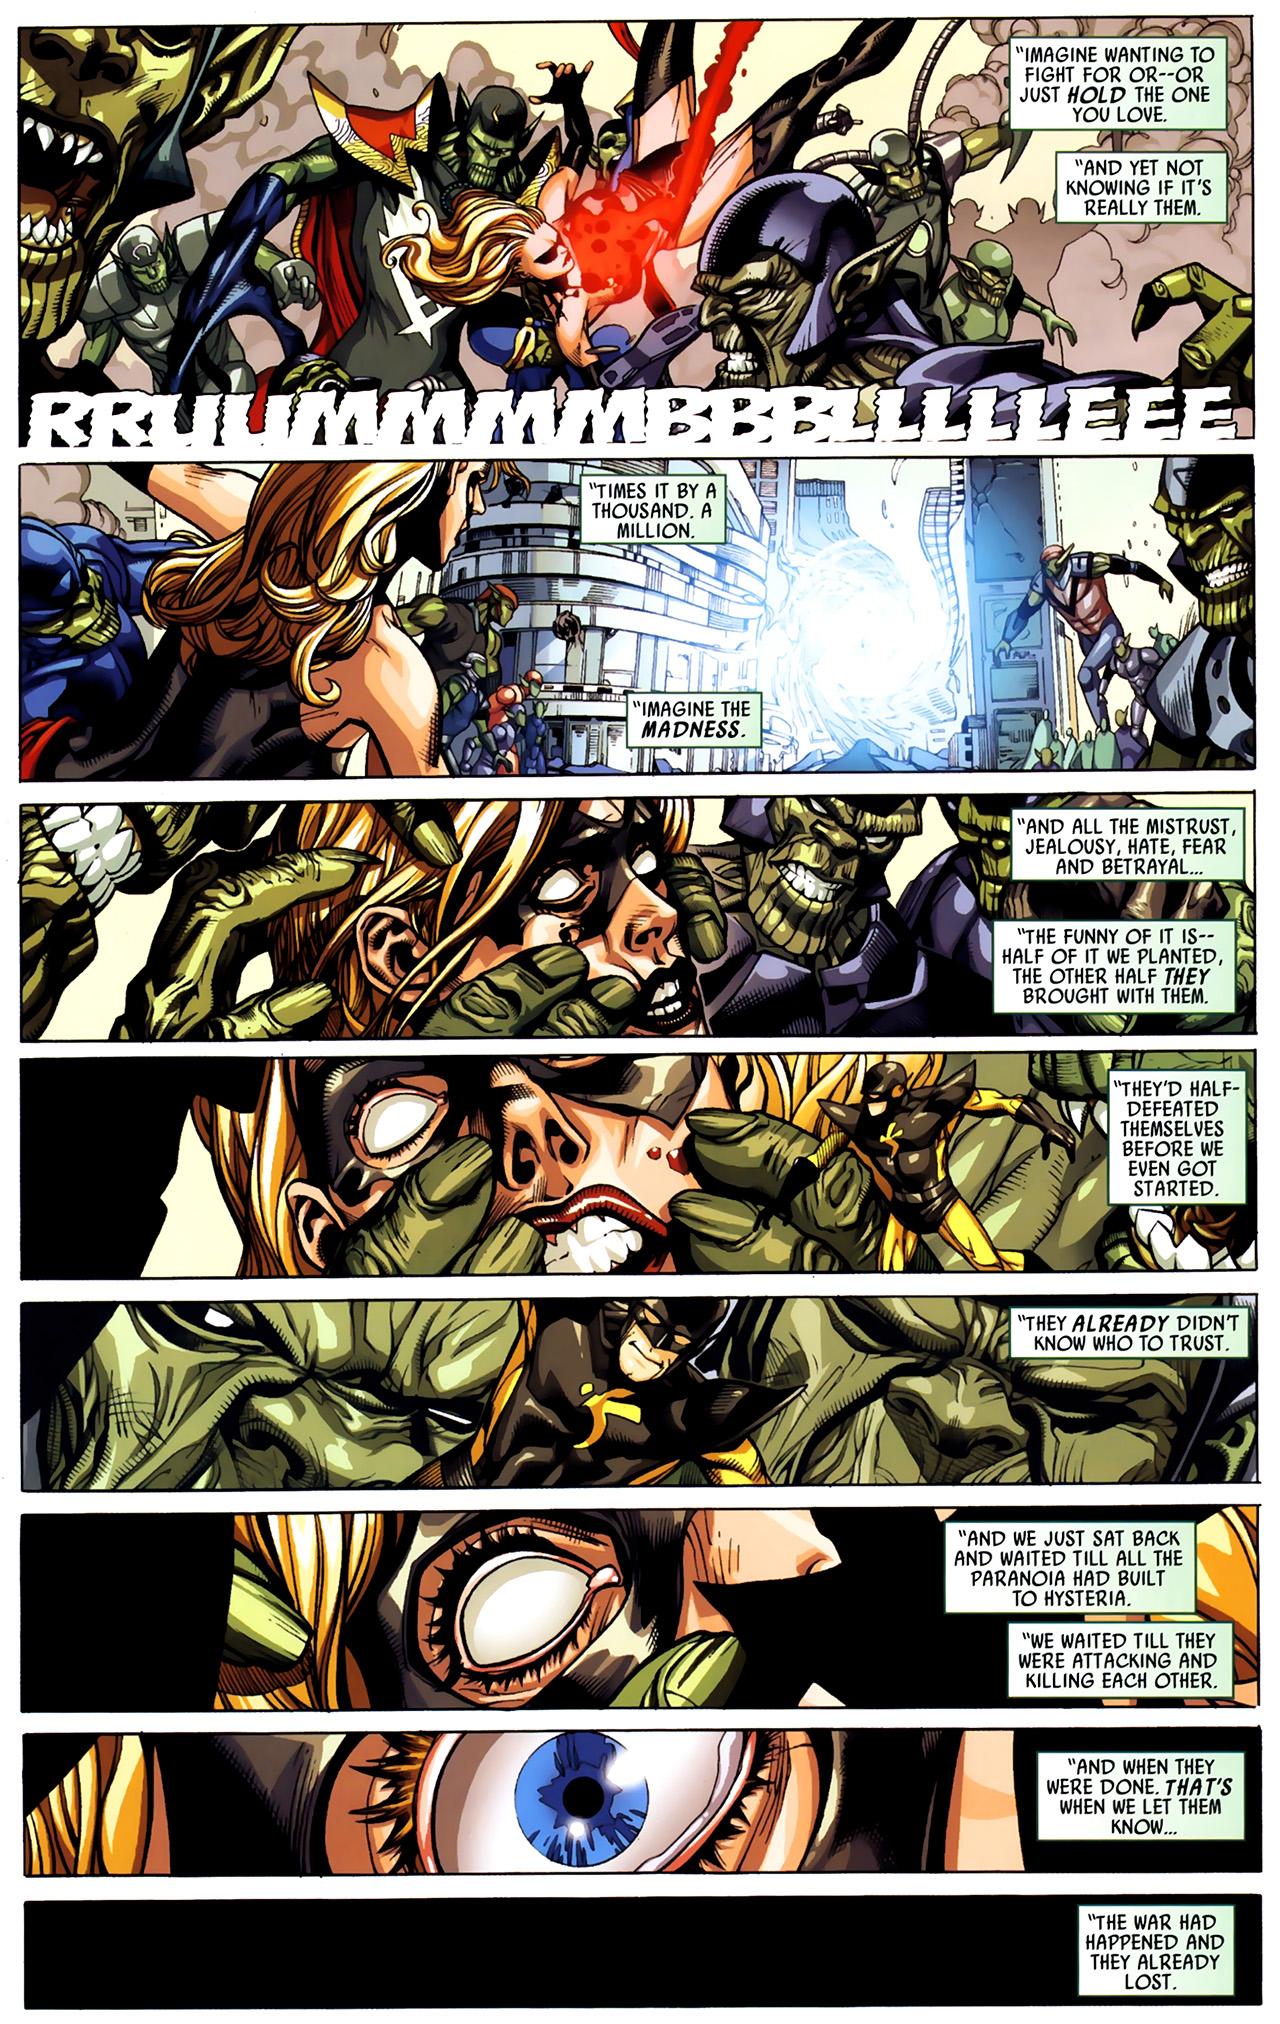 Secret Invasion 04 (MrShepherd-Megan) pg11.jpg